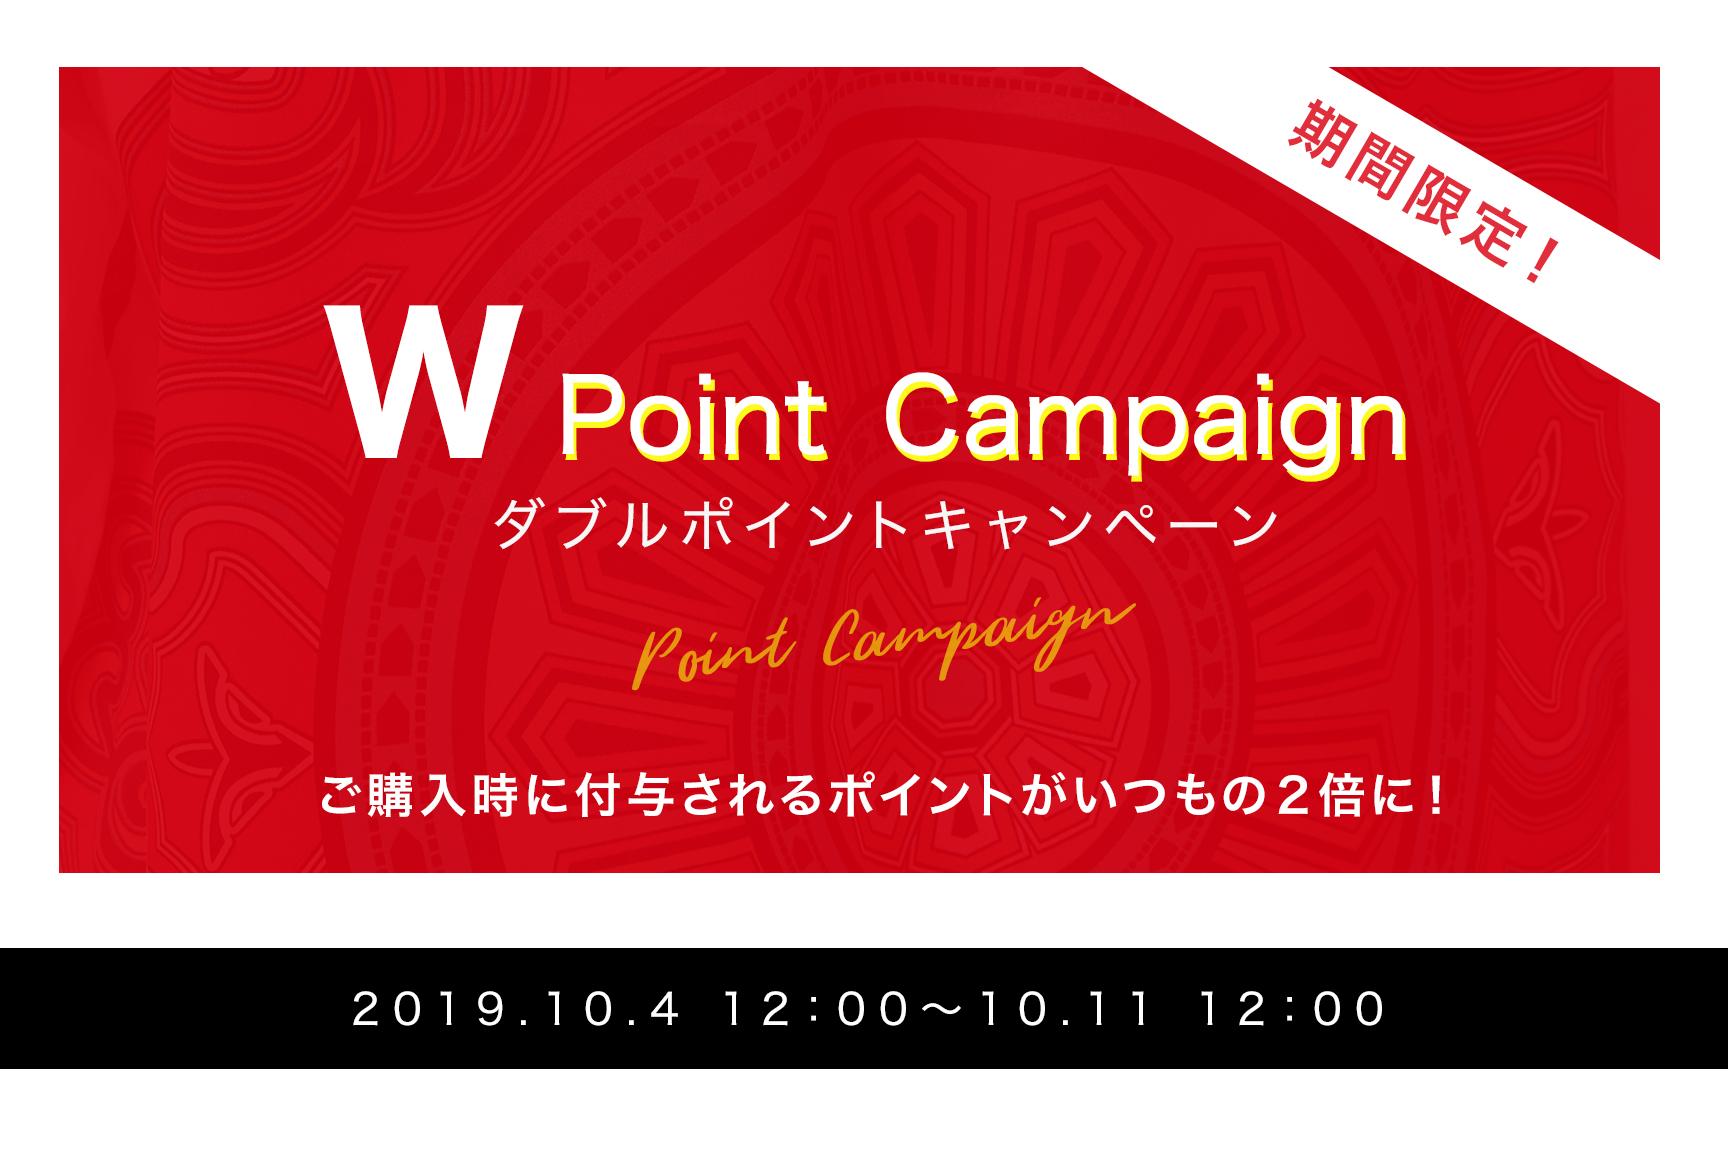 Wポイントキャンペーン!